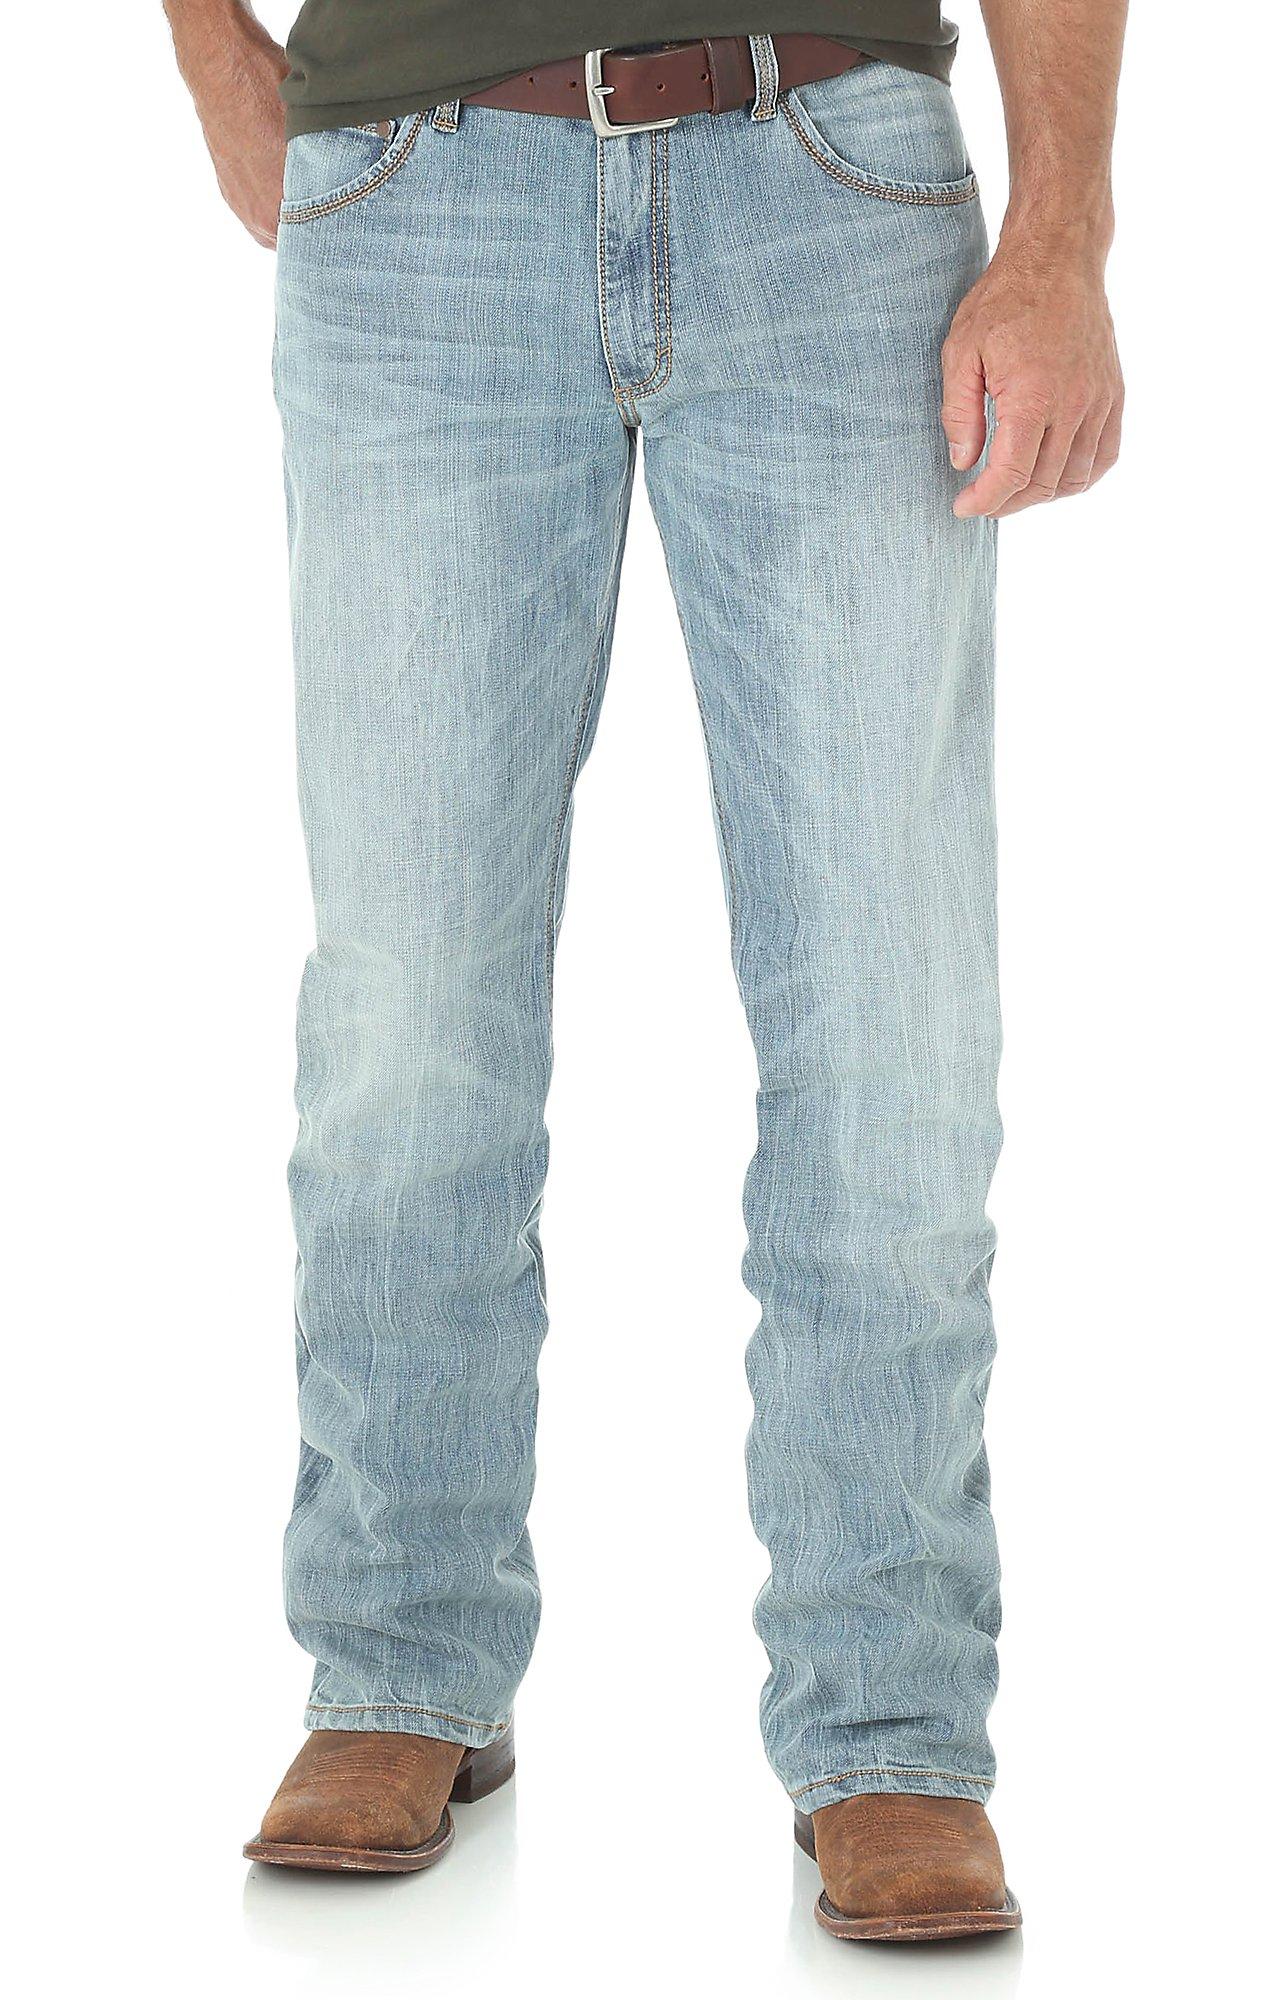 Wrangler Retro Men's Light Wash Slim Boot Cut Jeans | Cavender's